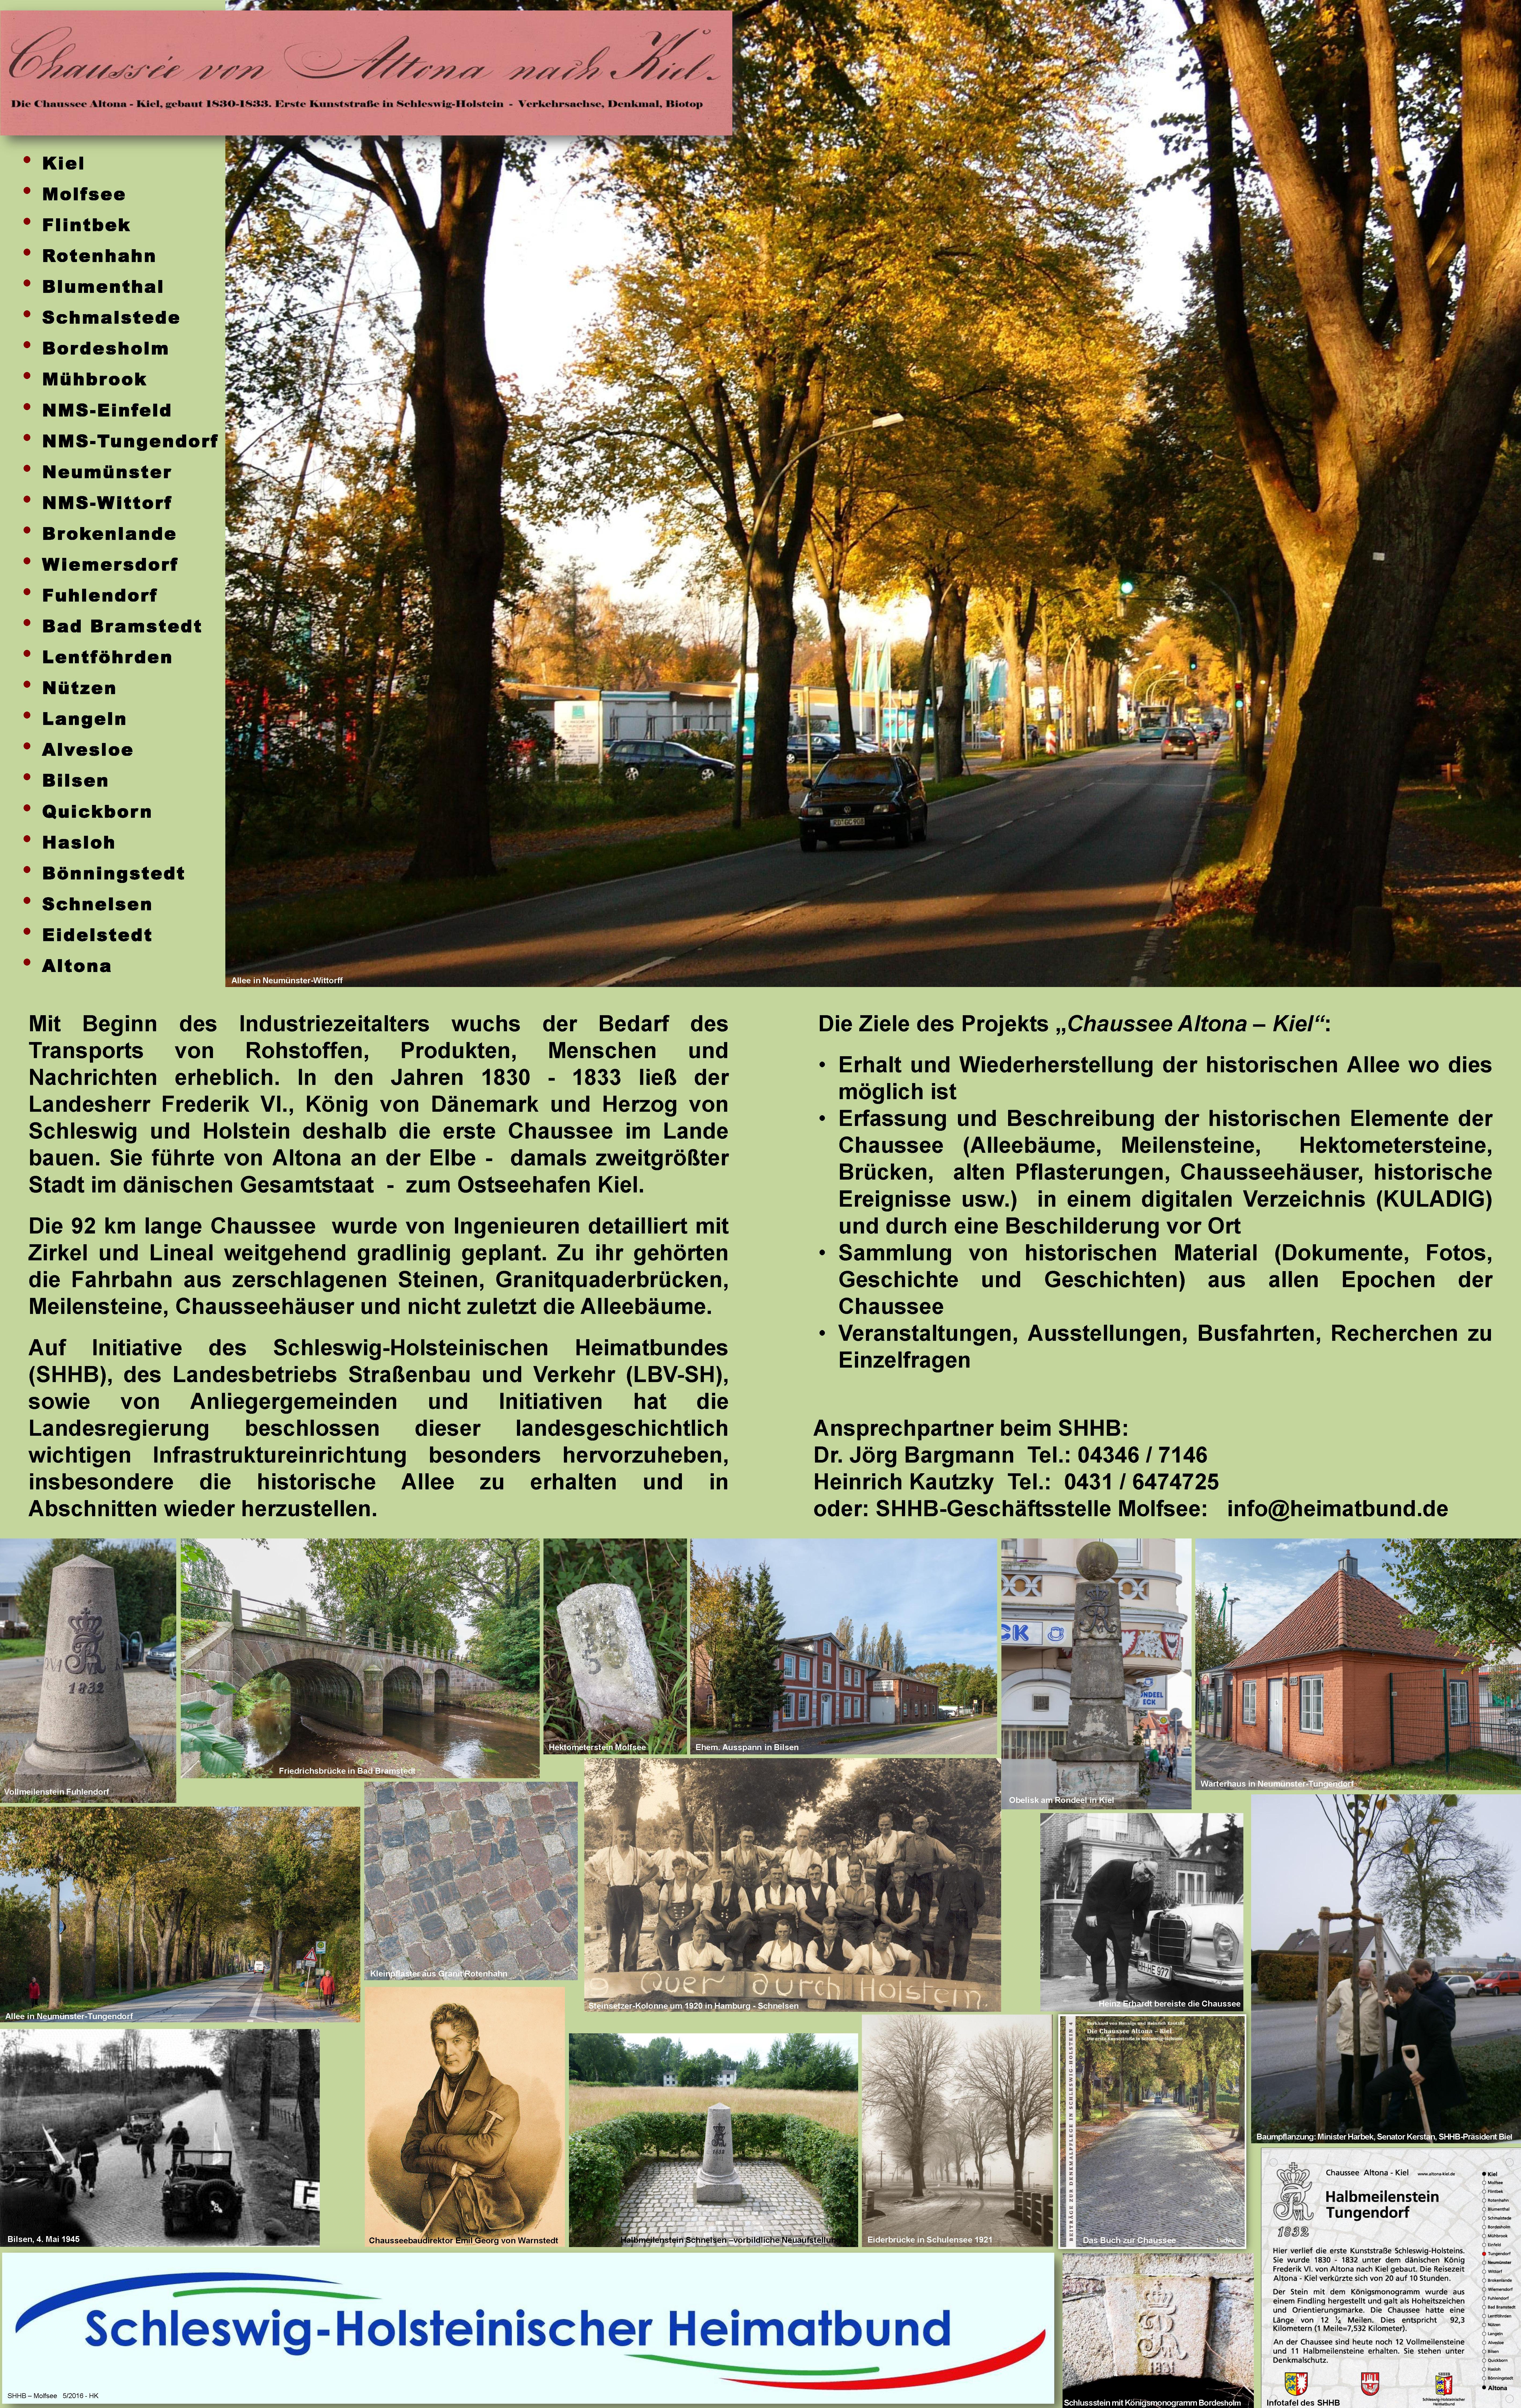 11-11tag-der-landesgeschichte